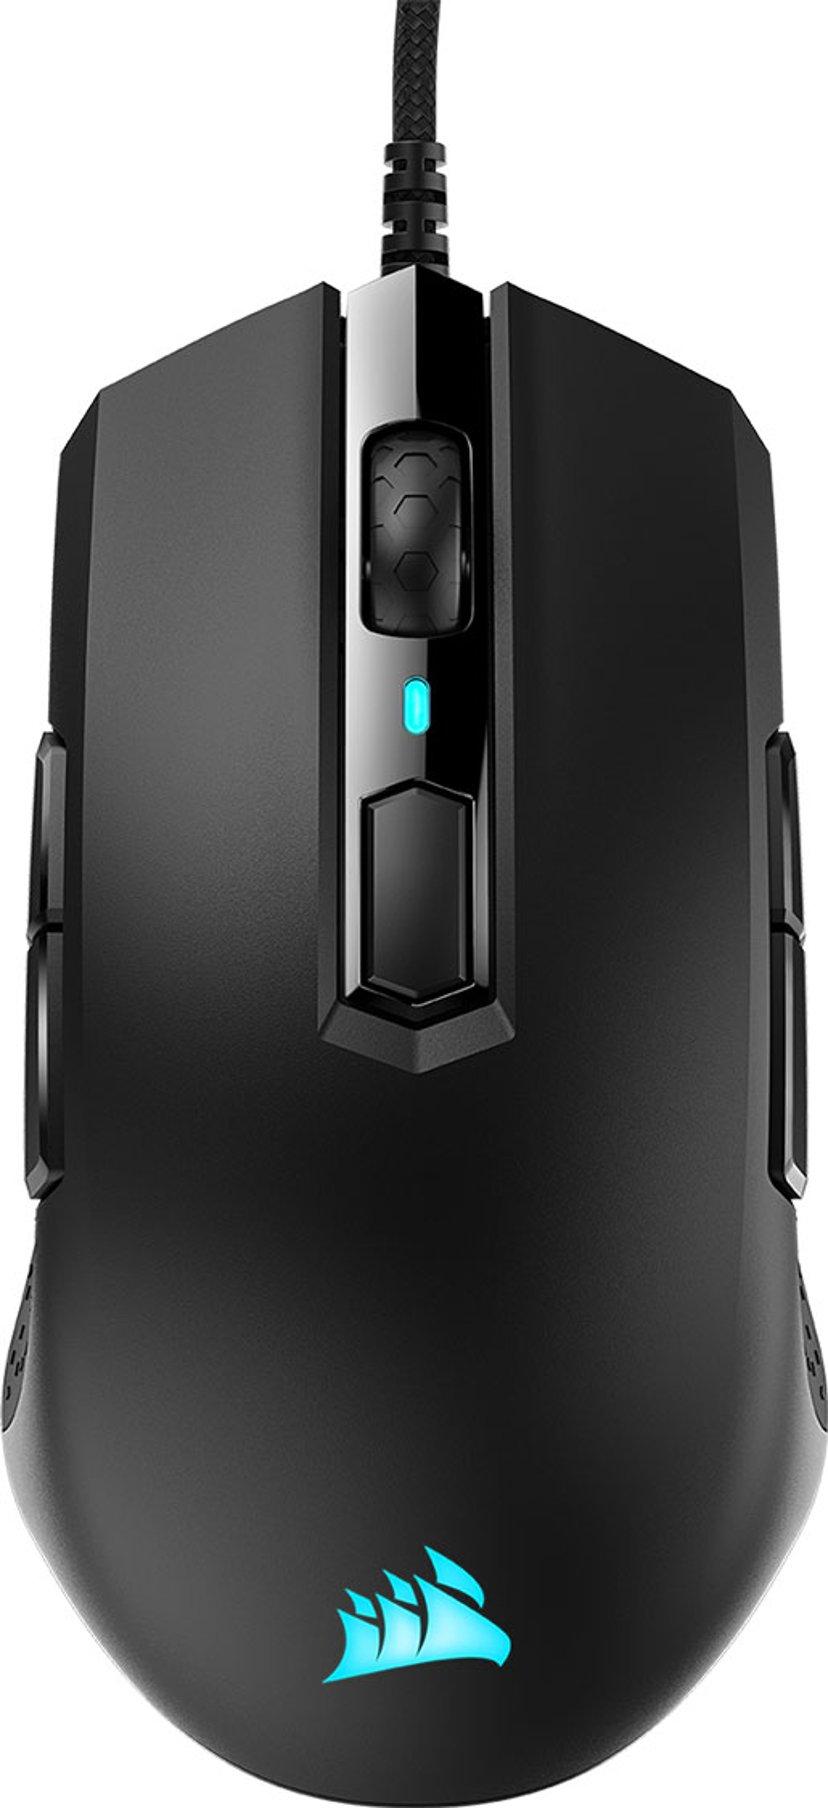 Corsair M55 RGB Pro Gaming Mouse Svart Mus Kabelansluten 12,400dpi